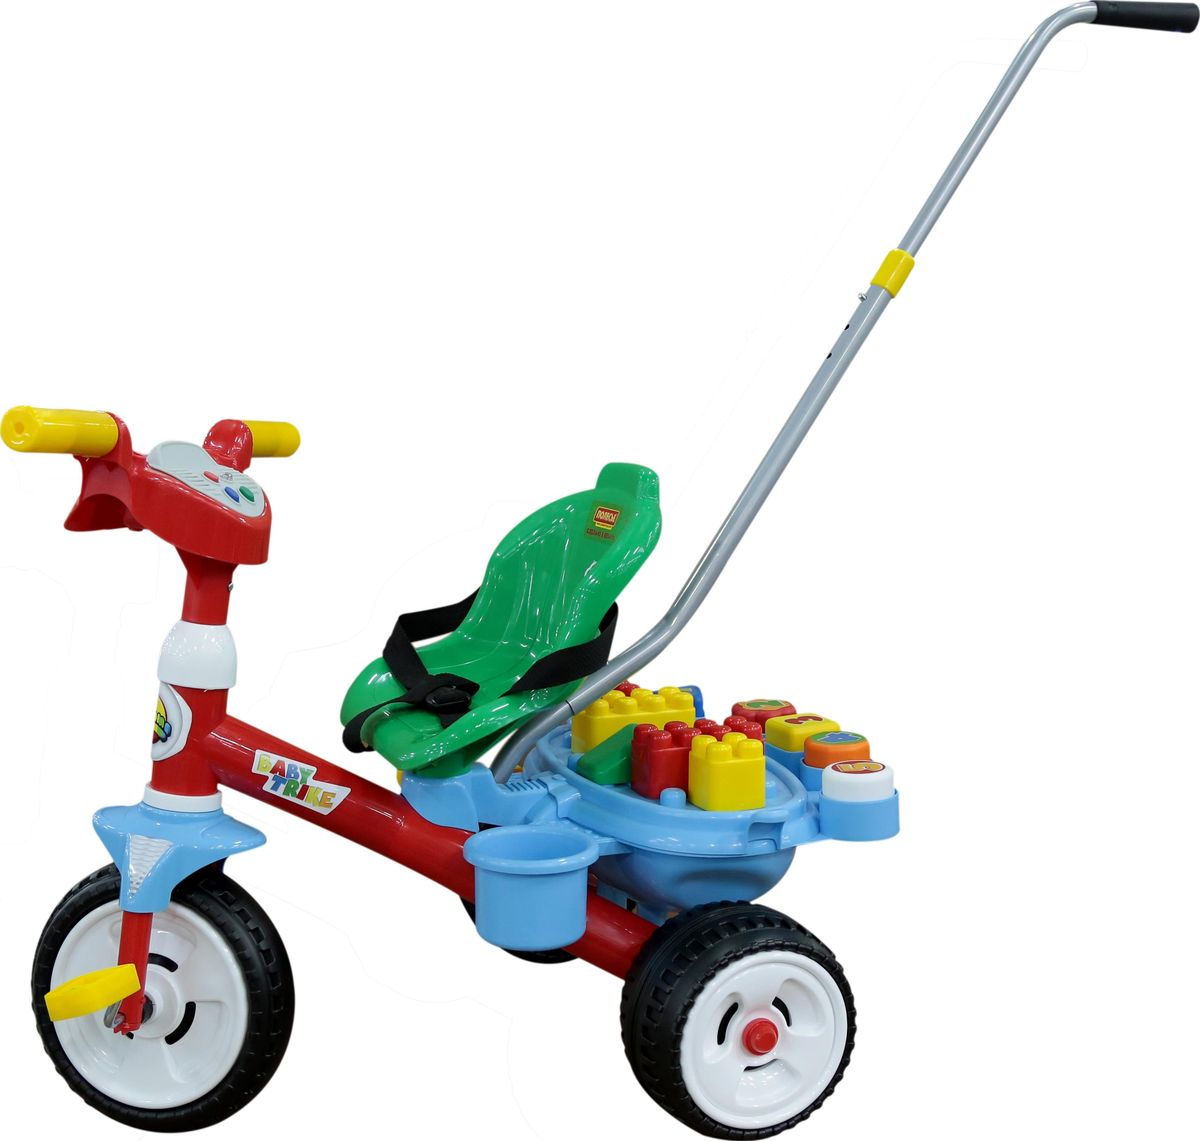 Полесье Велосипед трехколесный Беби Трайк, 46796, цвет в ассортименте ид бурда сабрина беби вязание для малышей 1 2017